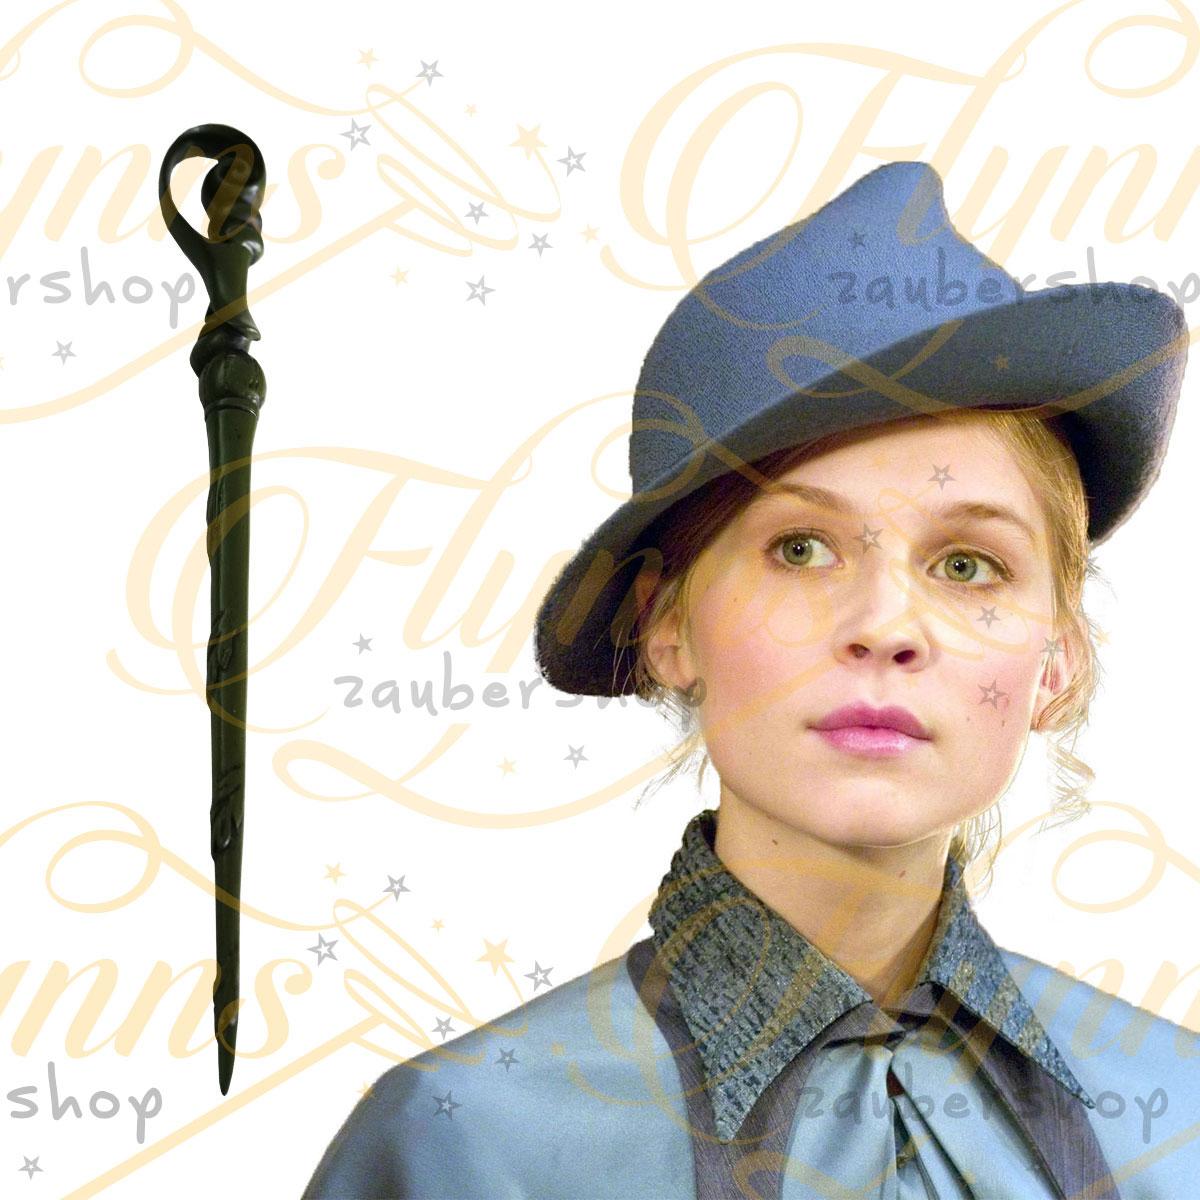 Fleur Delacour | Harry Potter | Flynns Zaubershop